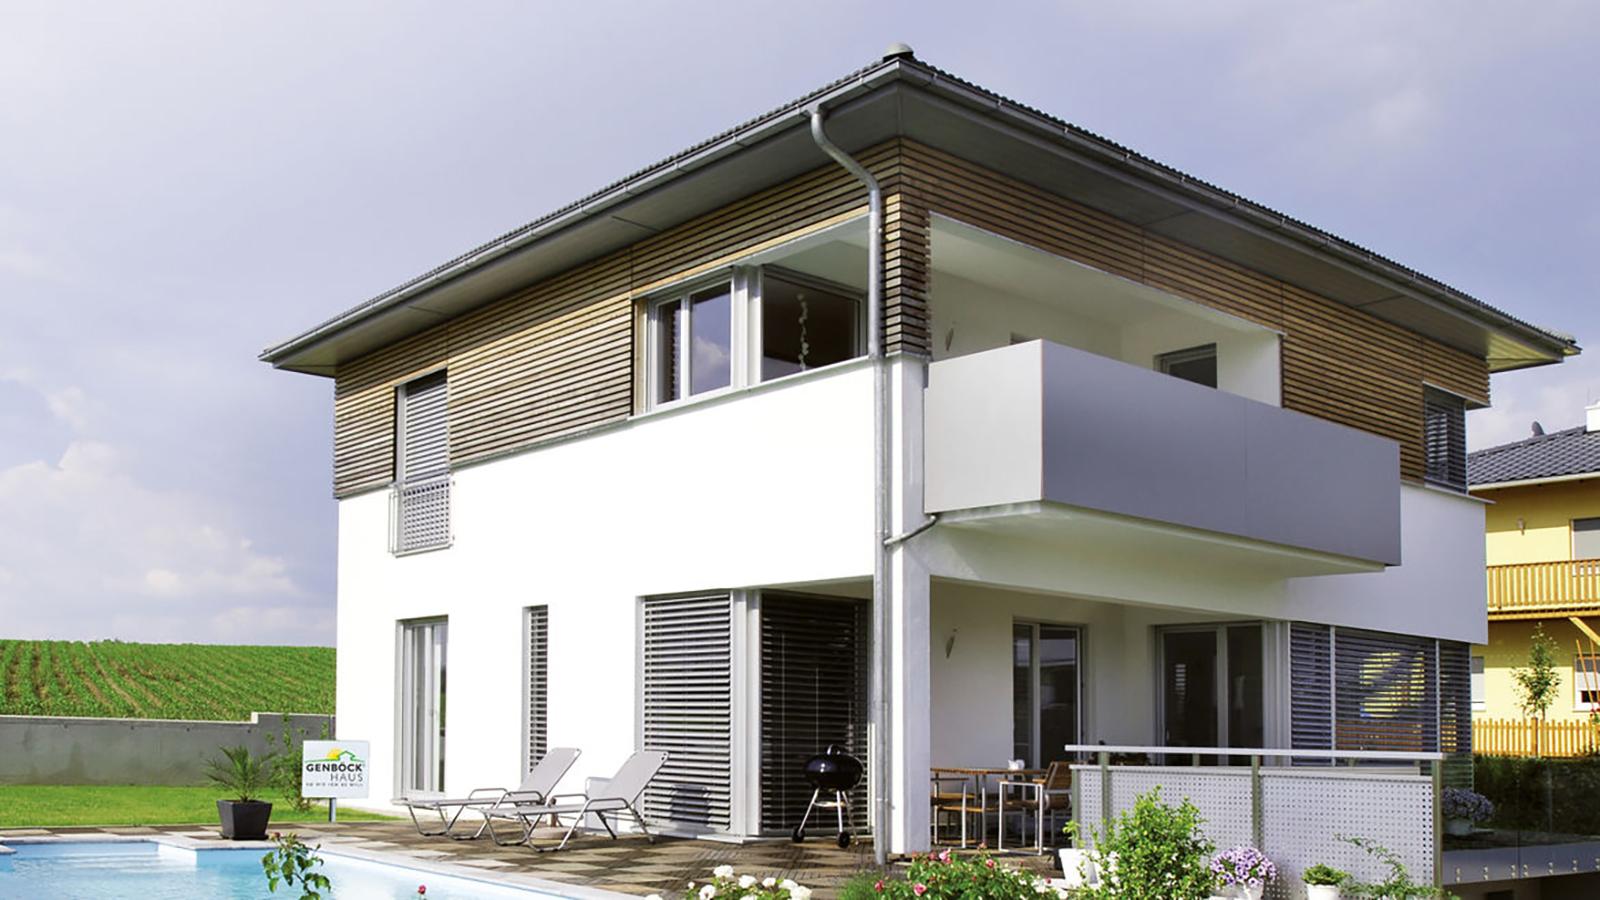 Energiesparhäuser gibt es bereits in vielen Fertighausmodellen, hier ein Passivhaus des österreichischen Fertighaus-Anbieters Musterhauspark.